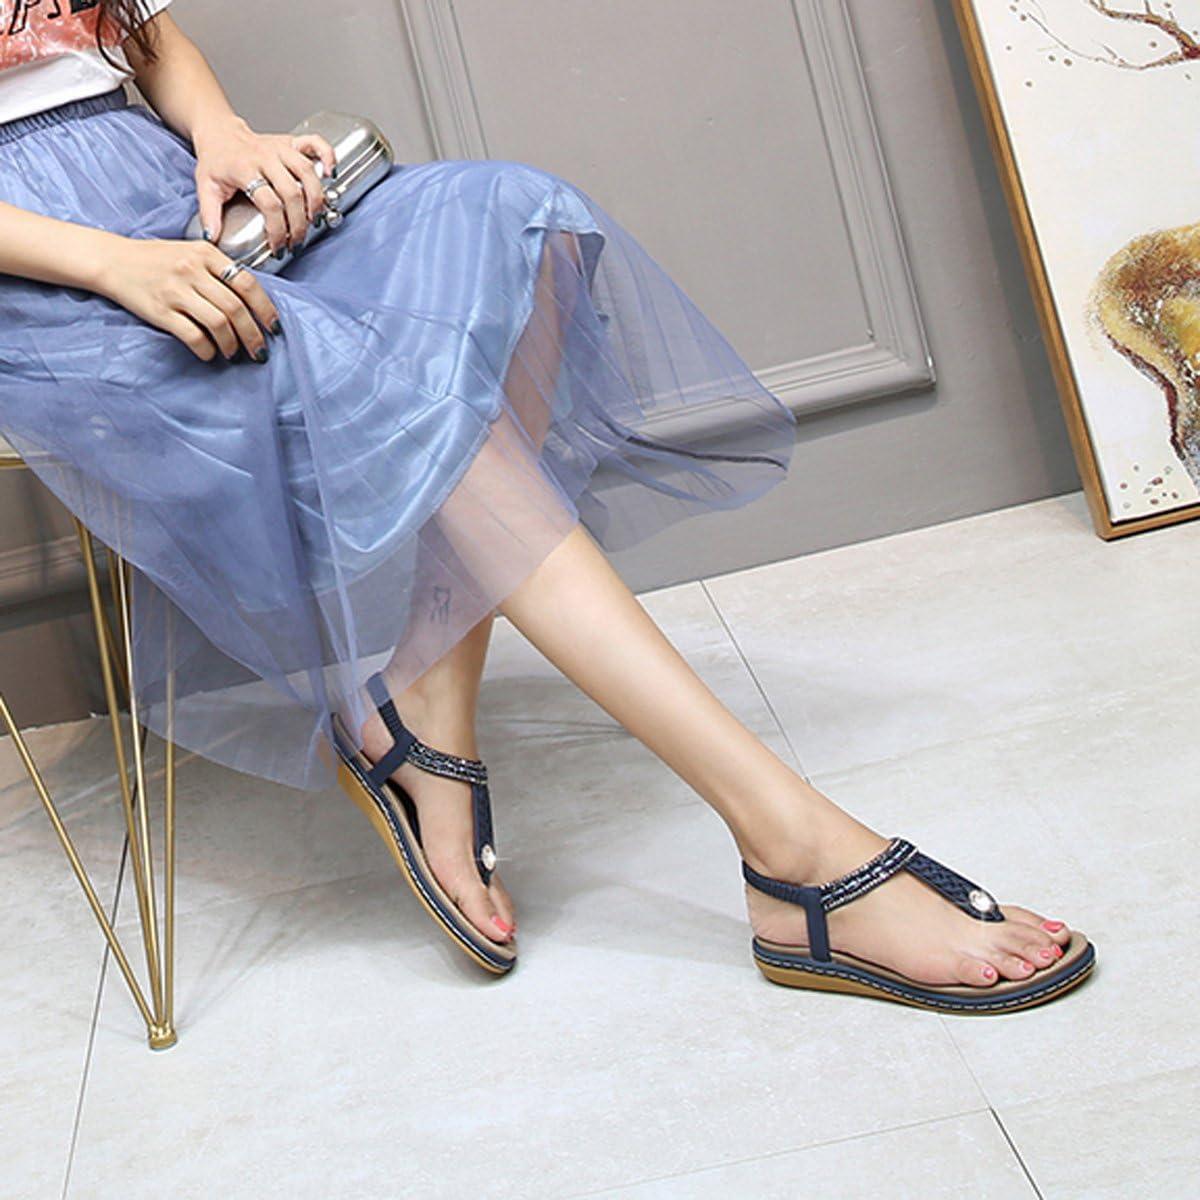 Tongs Chaussures /Ét/é Nu Pieds /à Talons Plats Claquettes Plage Bride Cheville Sandales Compens/ées Confortables Strass 2019 Noir Bleu Beiges gracosy Sandales Femmes Plates